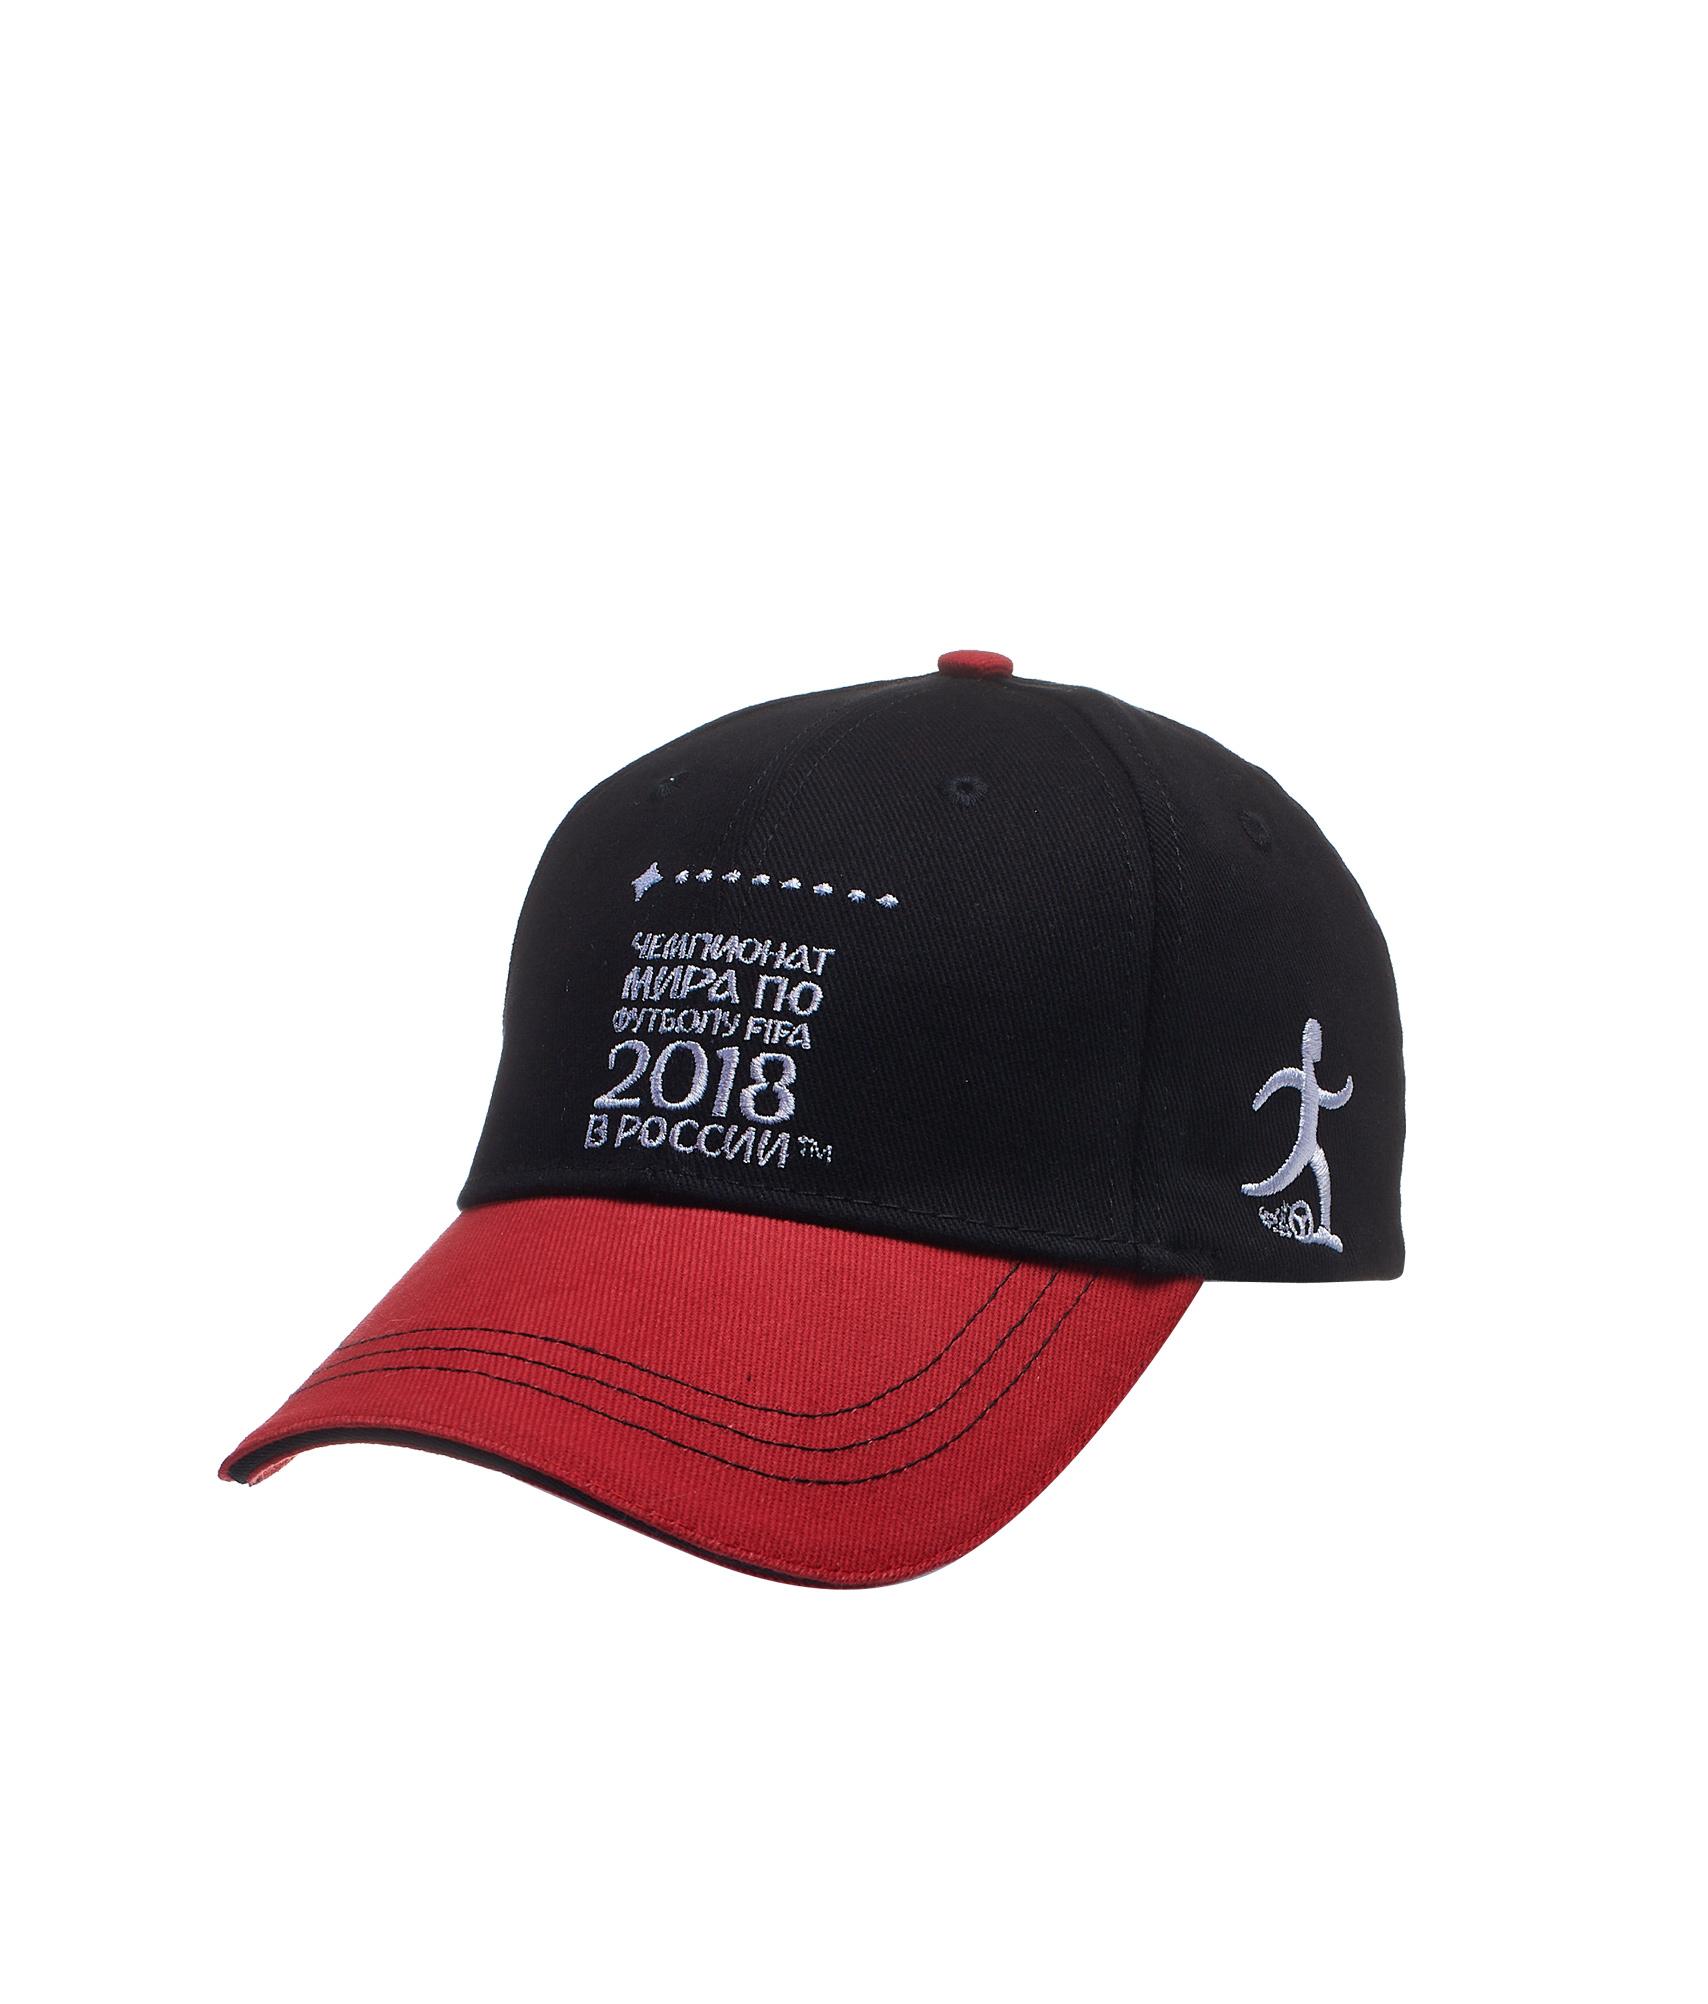 Бейсболка мужская Зенит мужская бейсболка decades